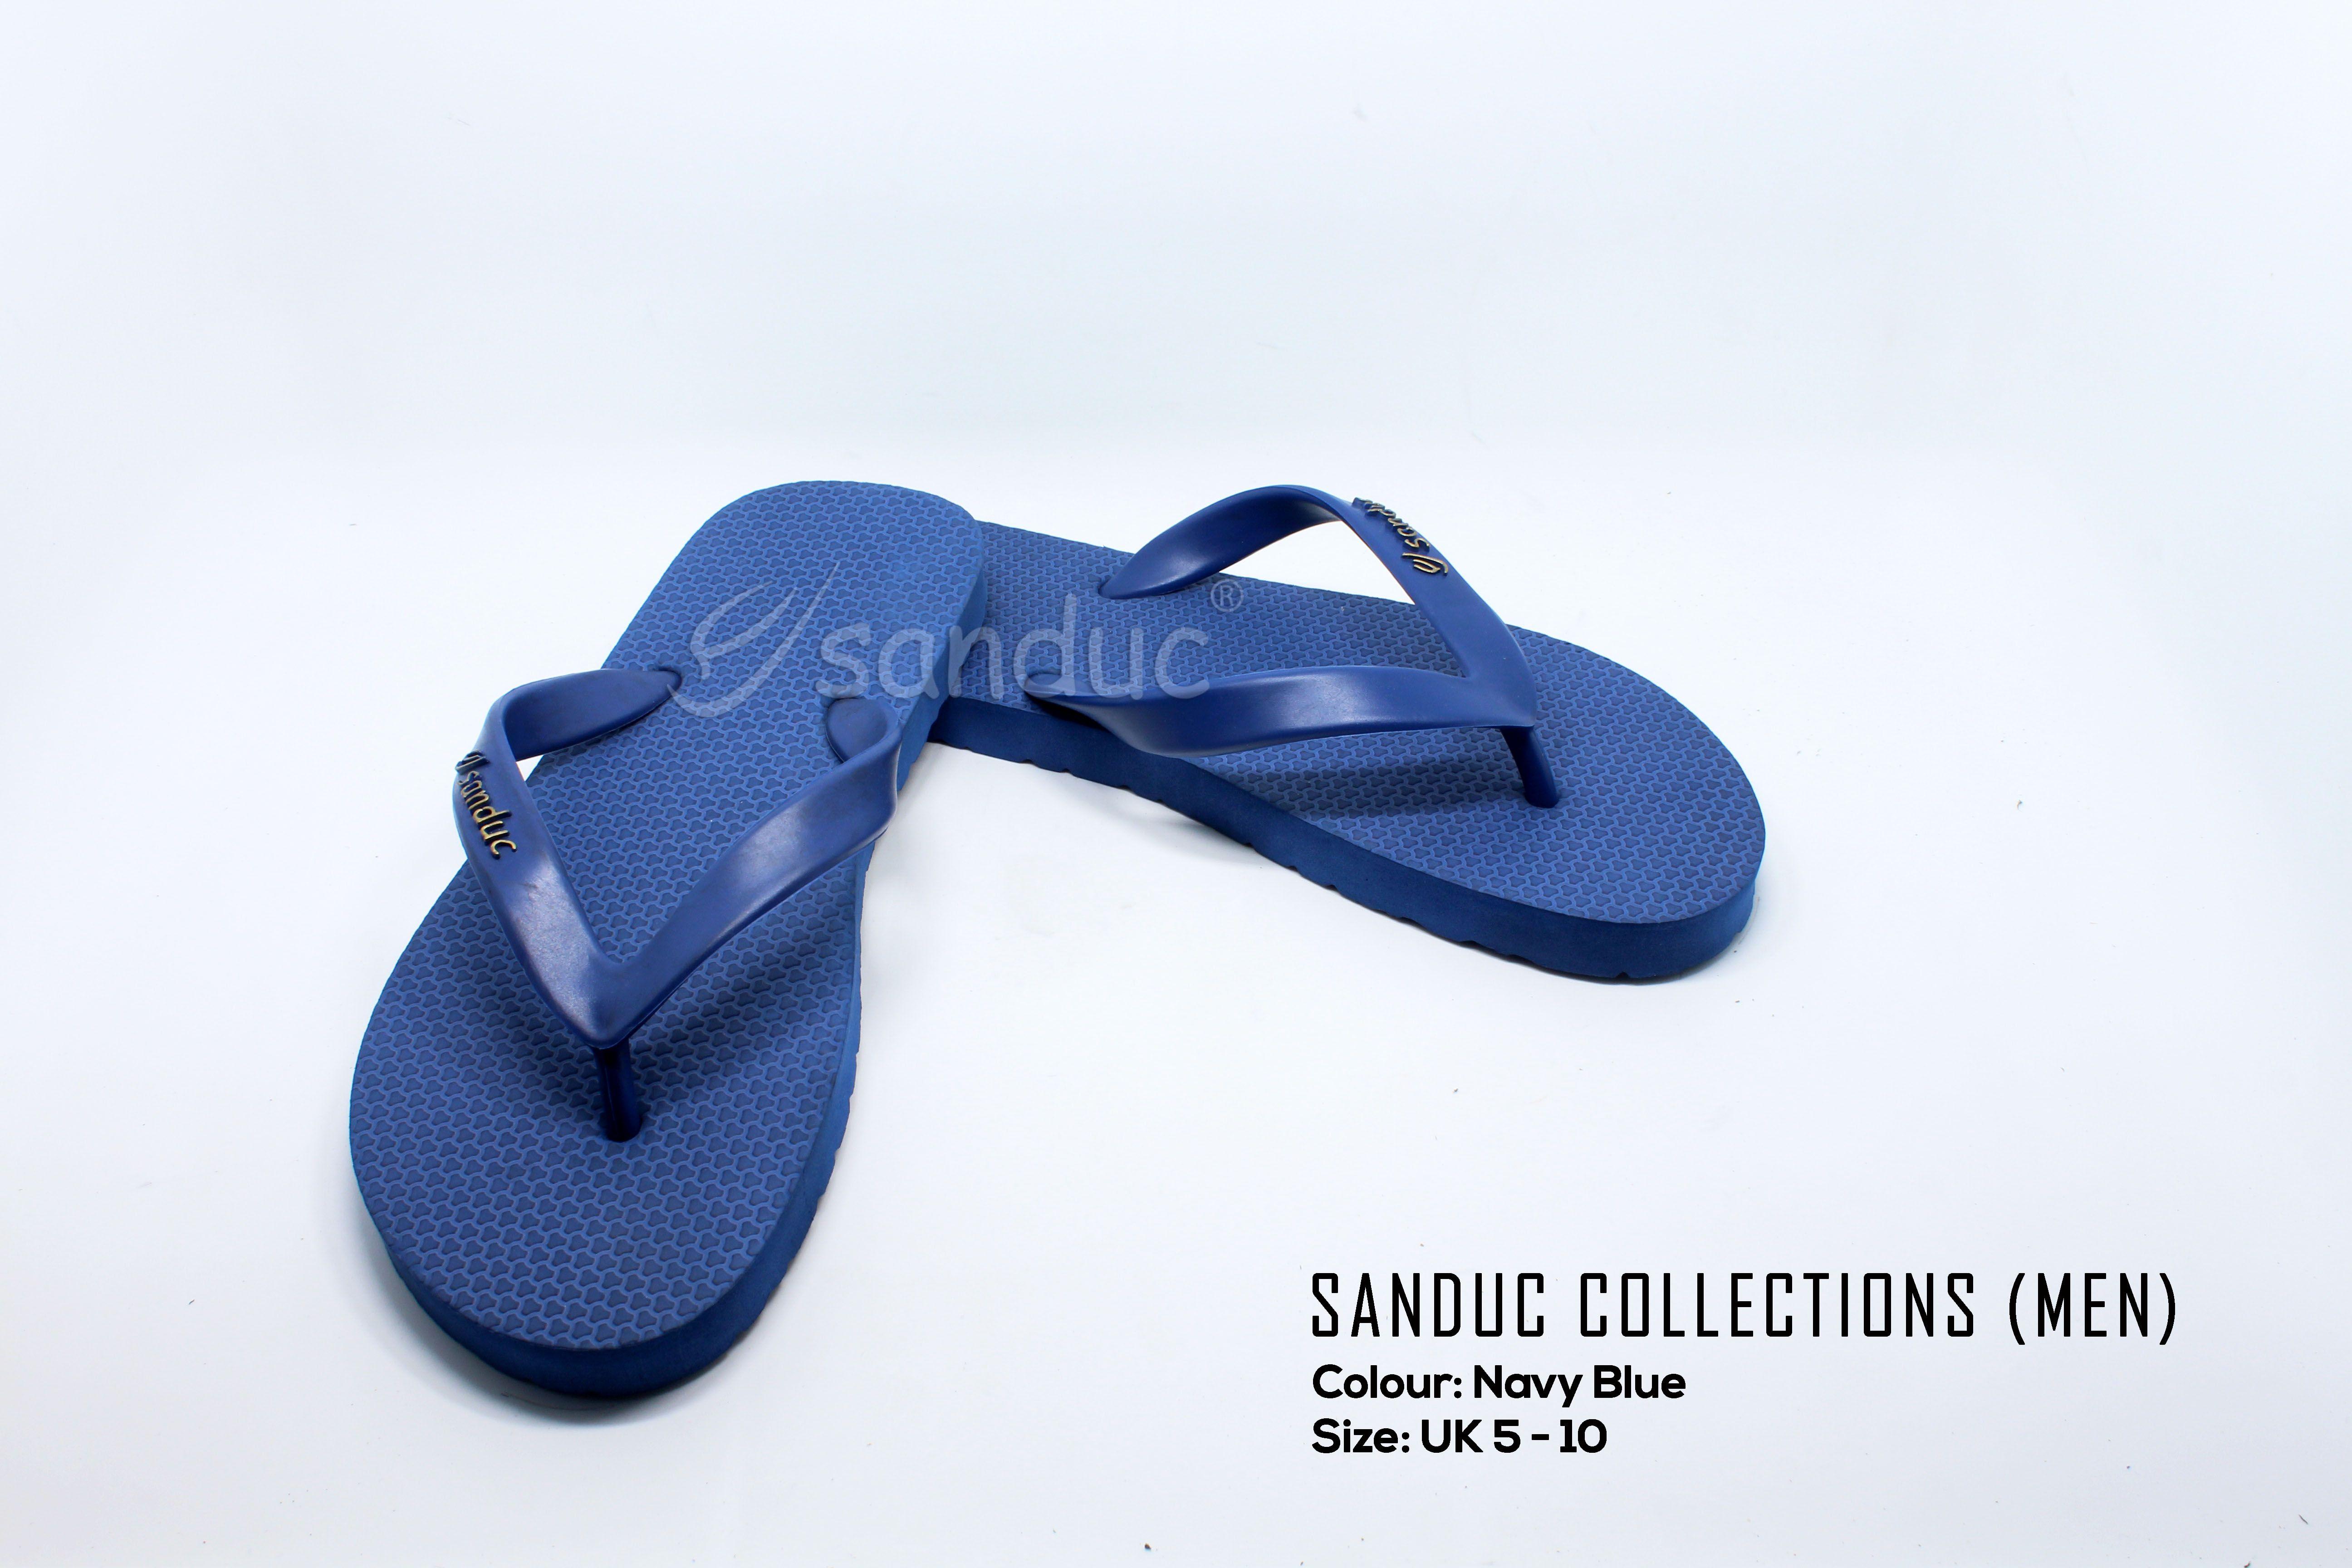 Sanduc Casual Men Flip Flops Slipper Sandal (Navy)